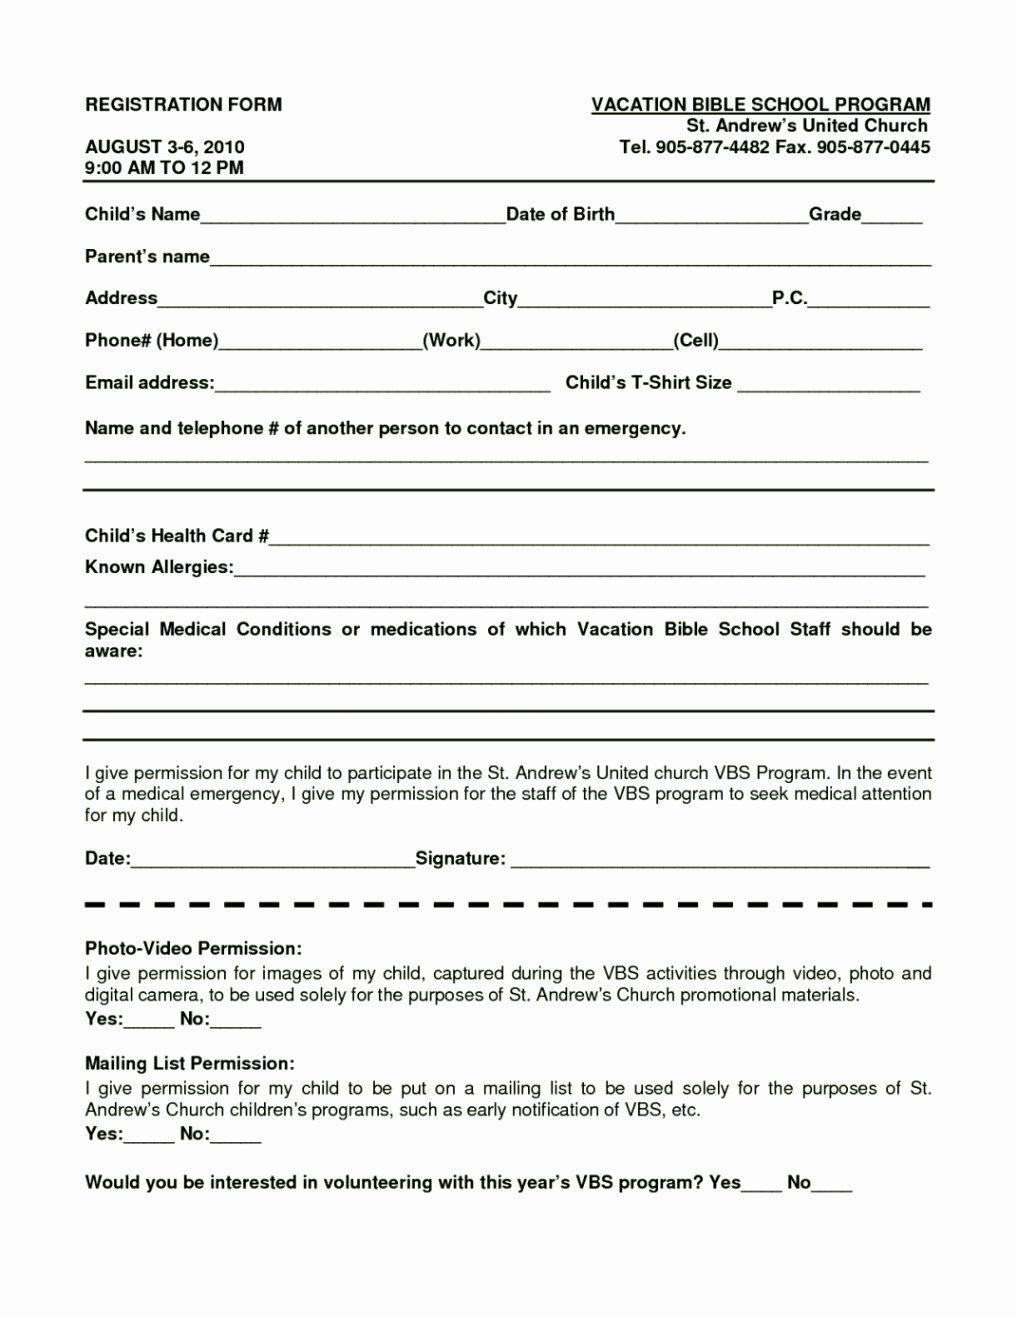 School Registration Forms Template Unique Bible School Registration Form Template Template Registration Form Word Free Word Template